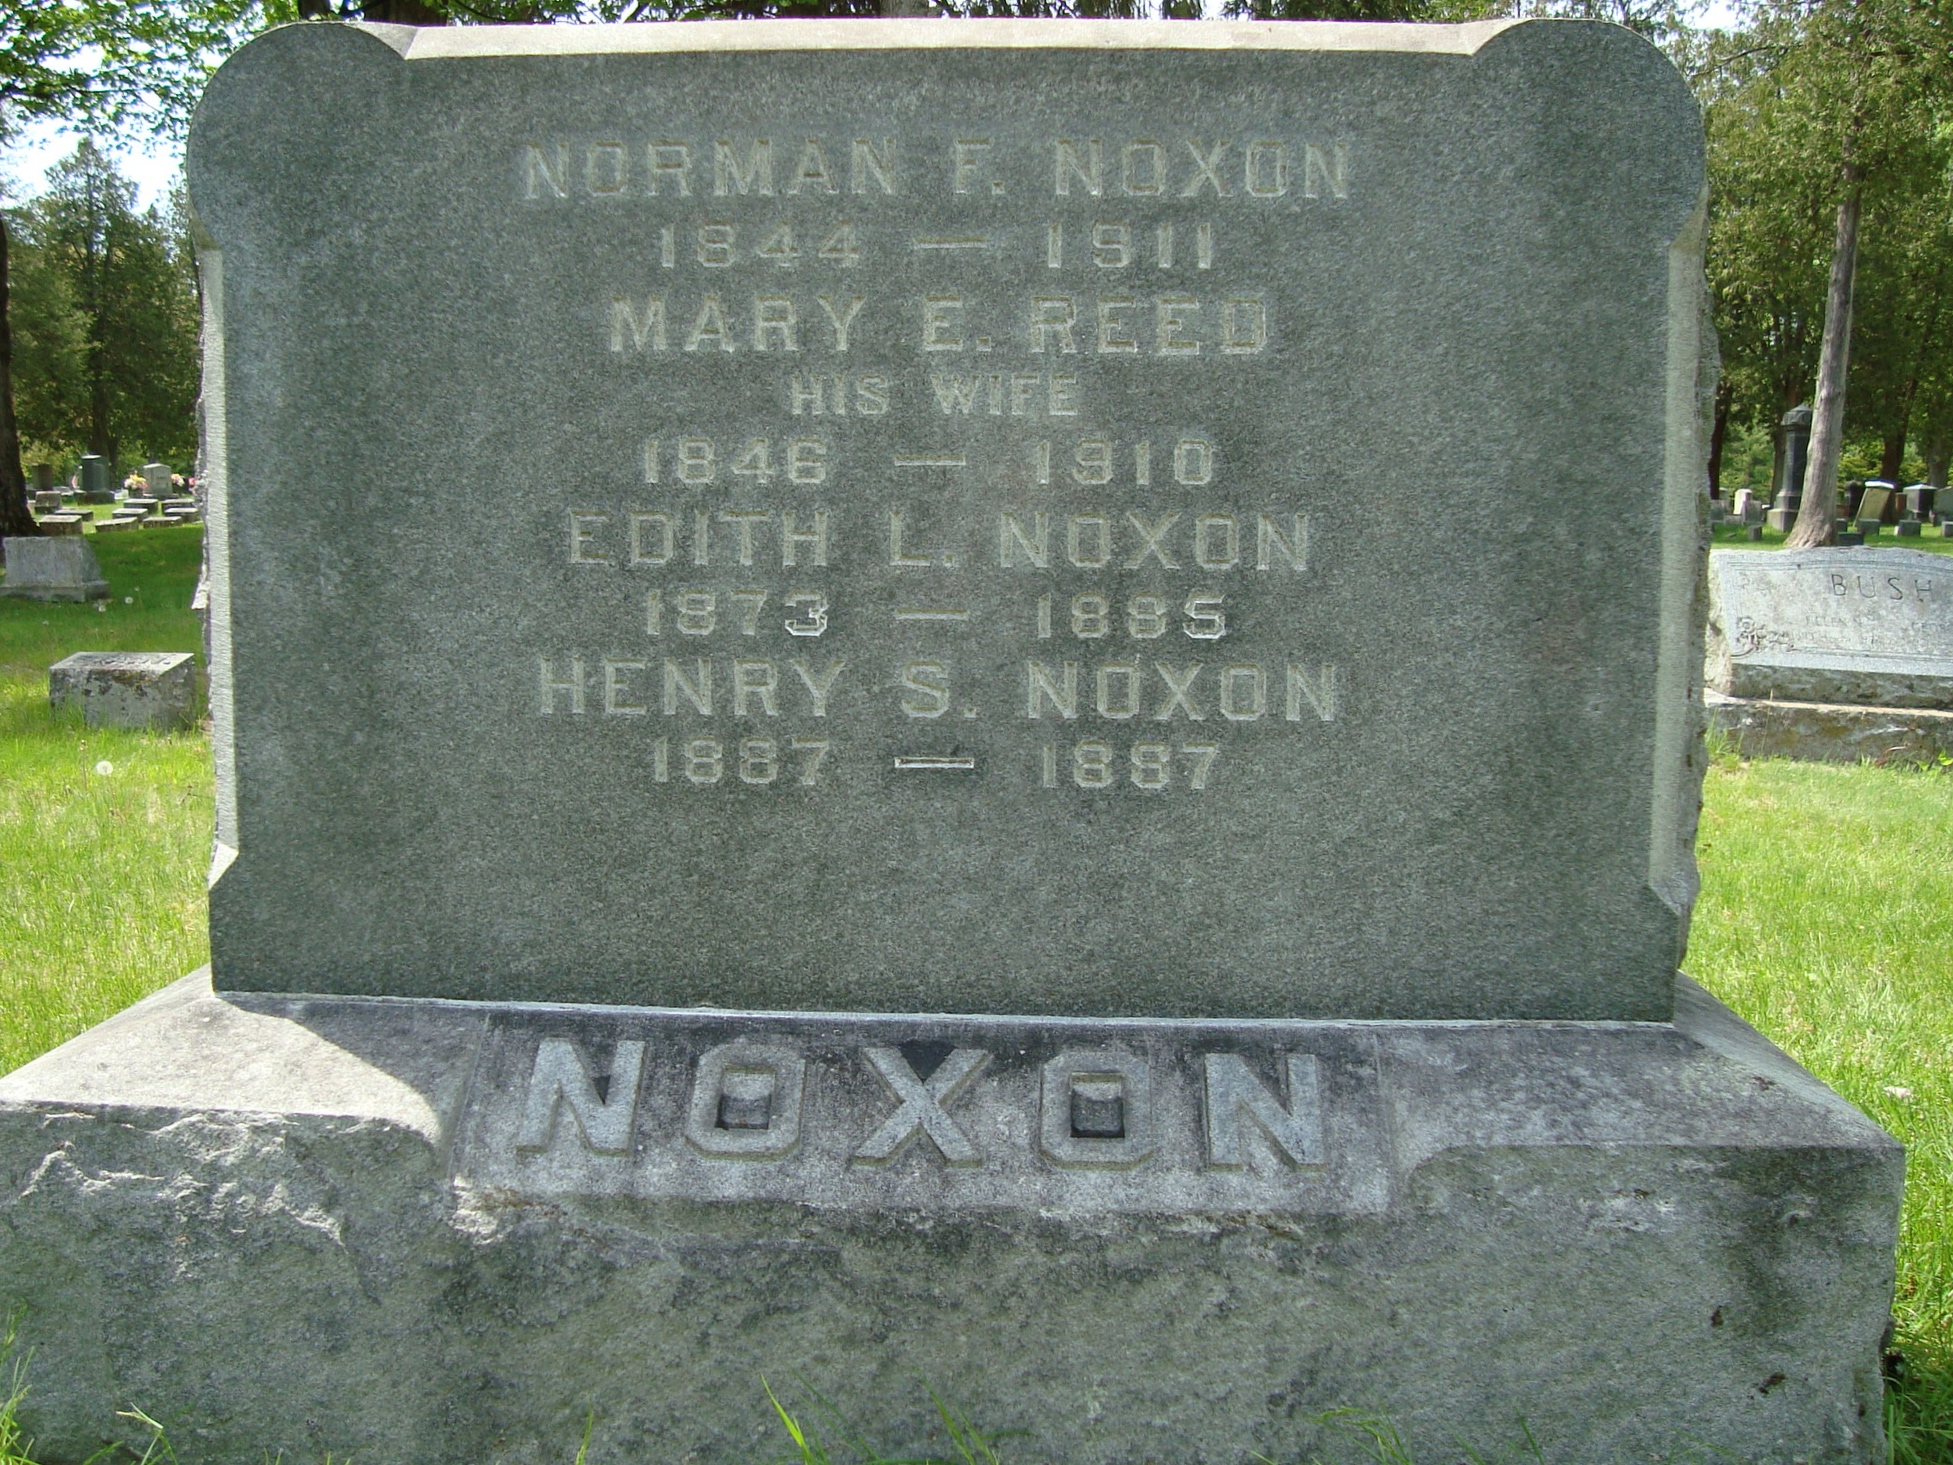 Mary E <i>Reed</i> Noxon